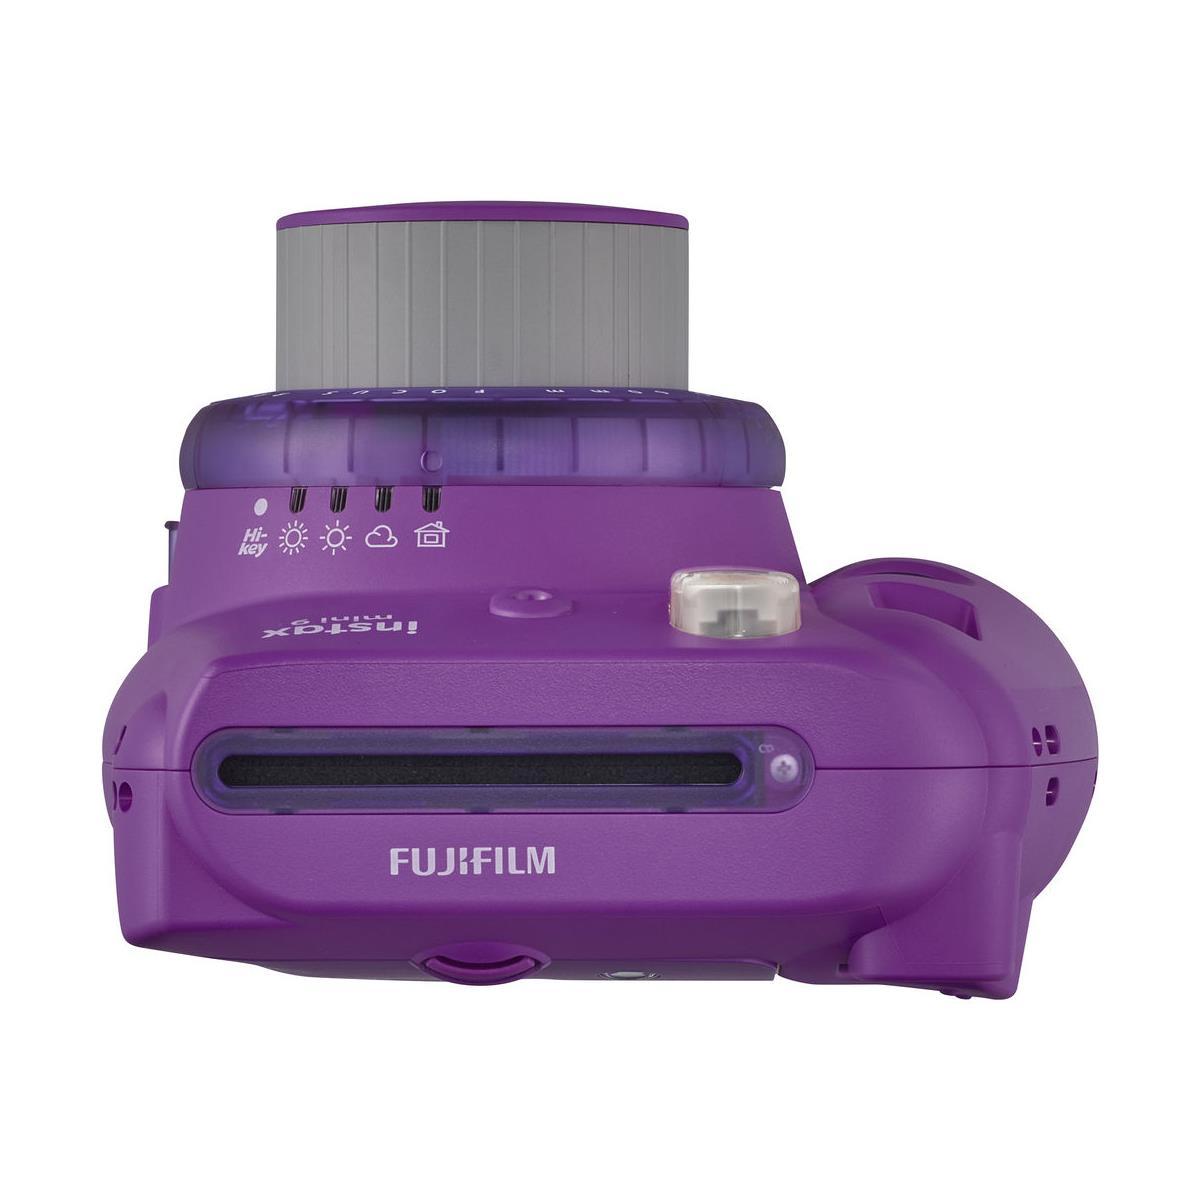 FUJIFILM INSTAX Mini 9 Instant Film Camera (Clear Purple)